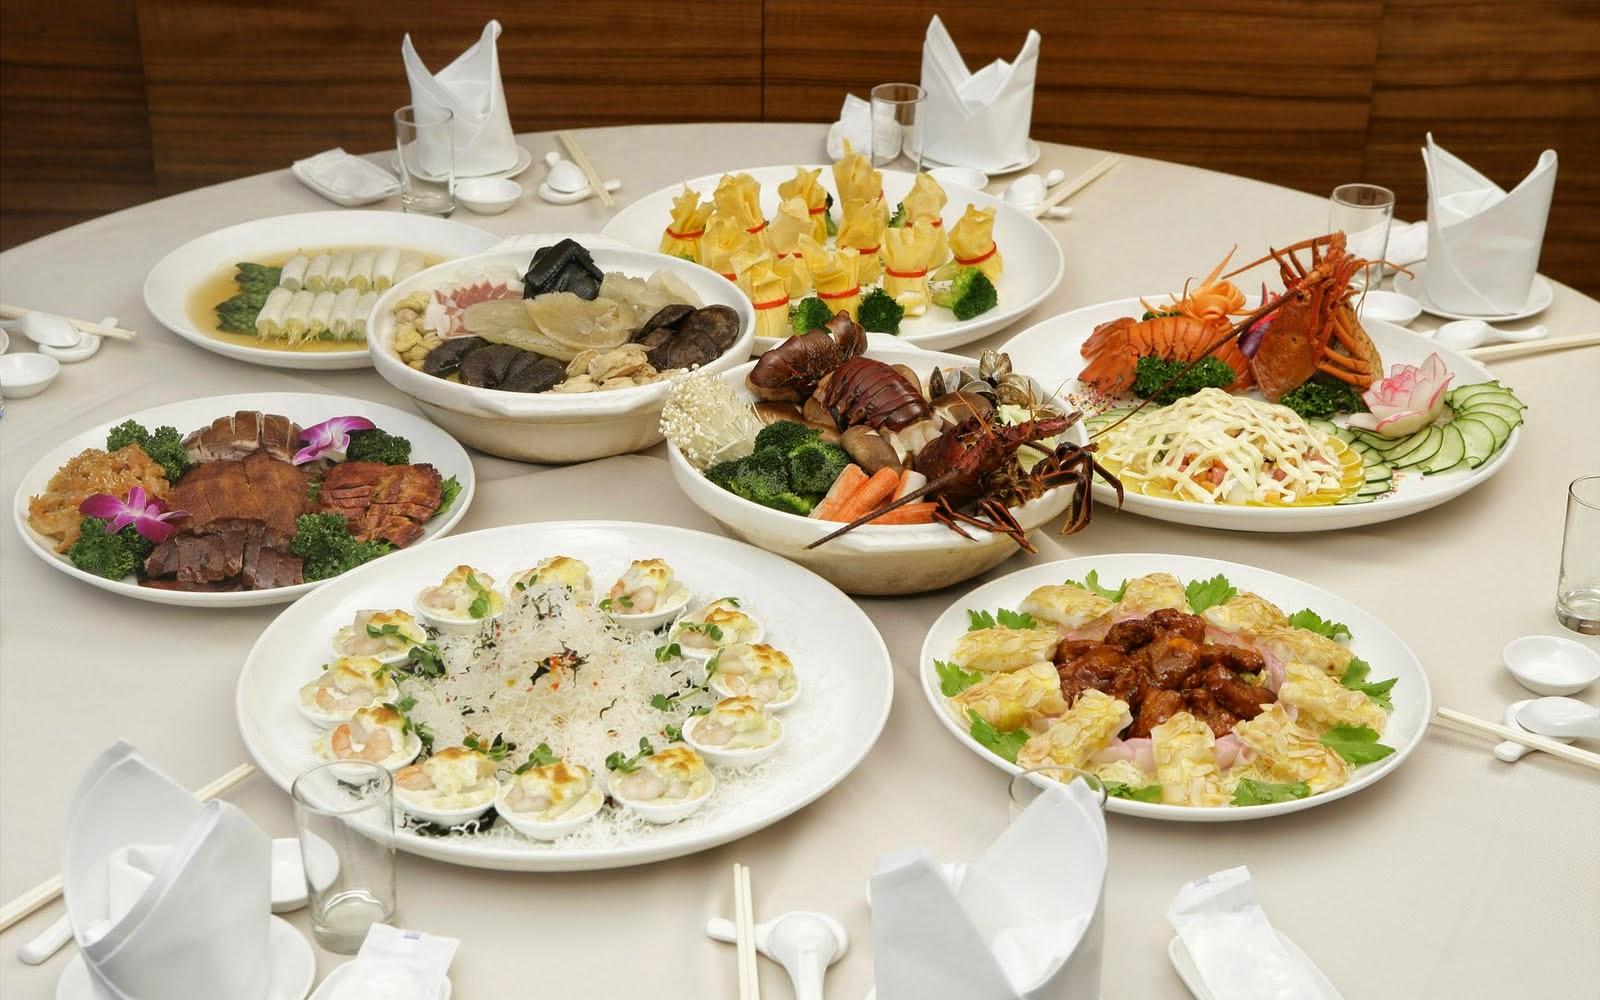 صورة عشاء فخم , صور لارقي وجبة مساء 2737 6